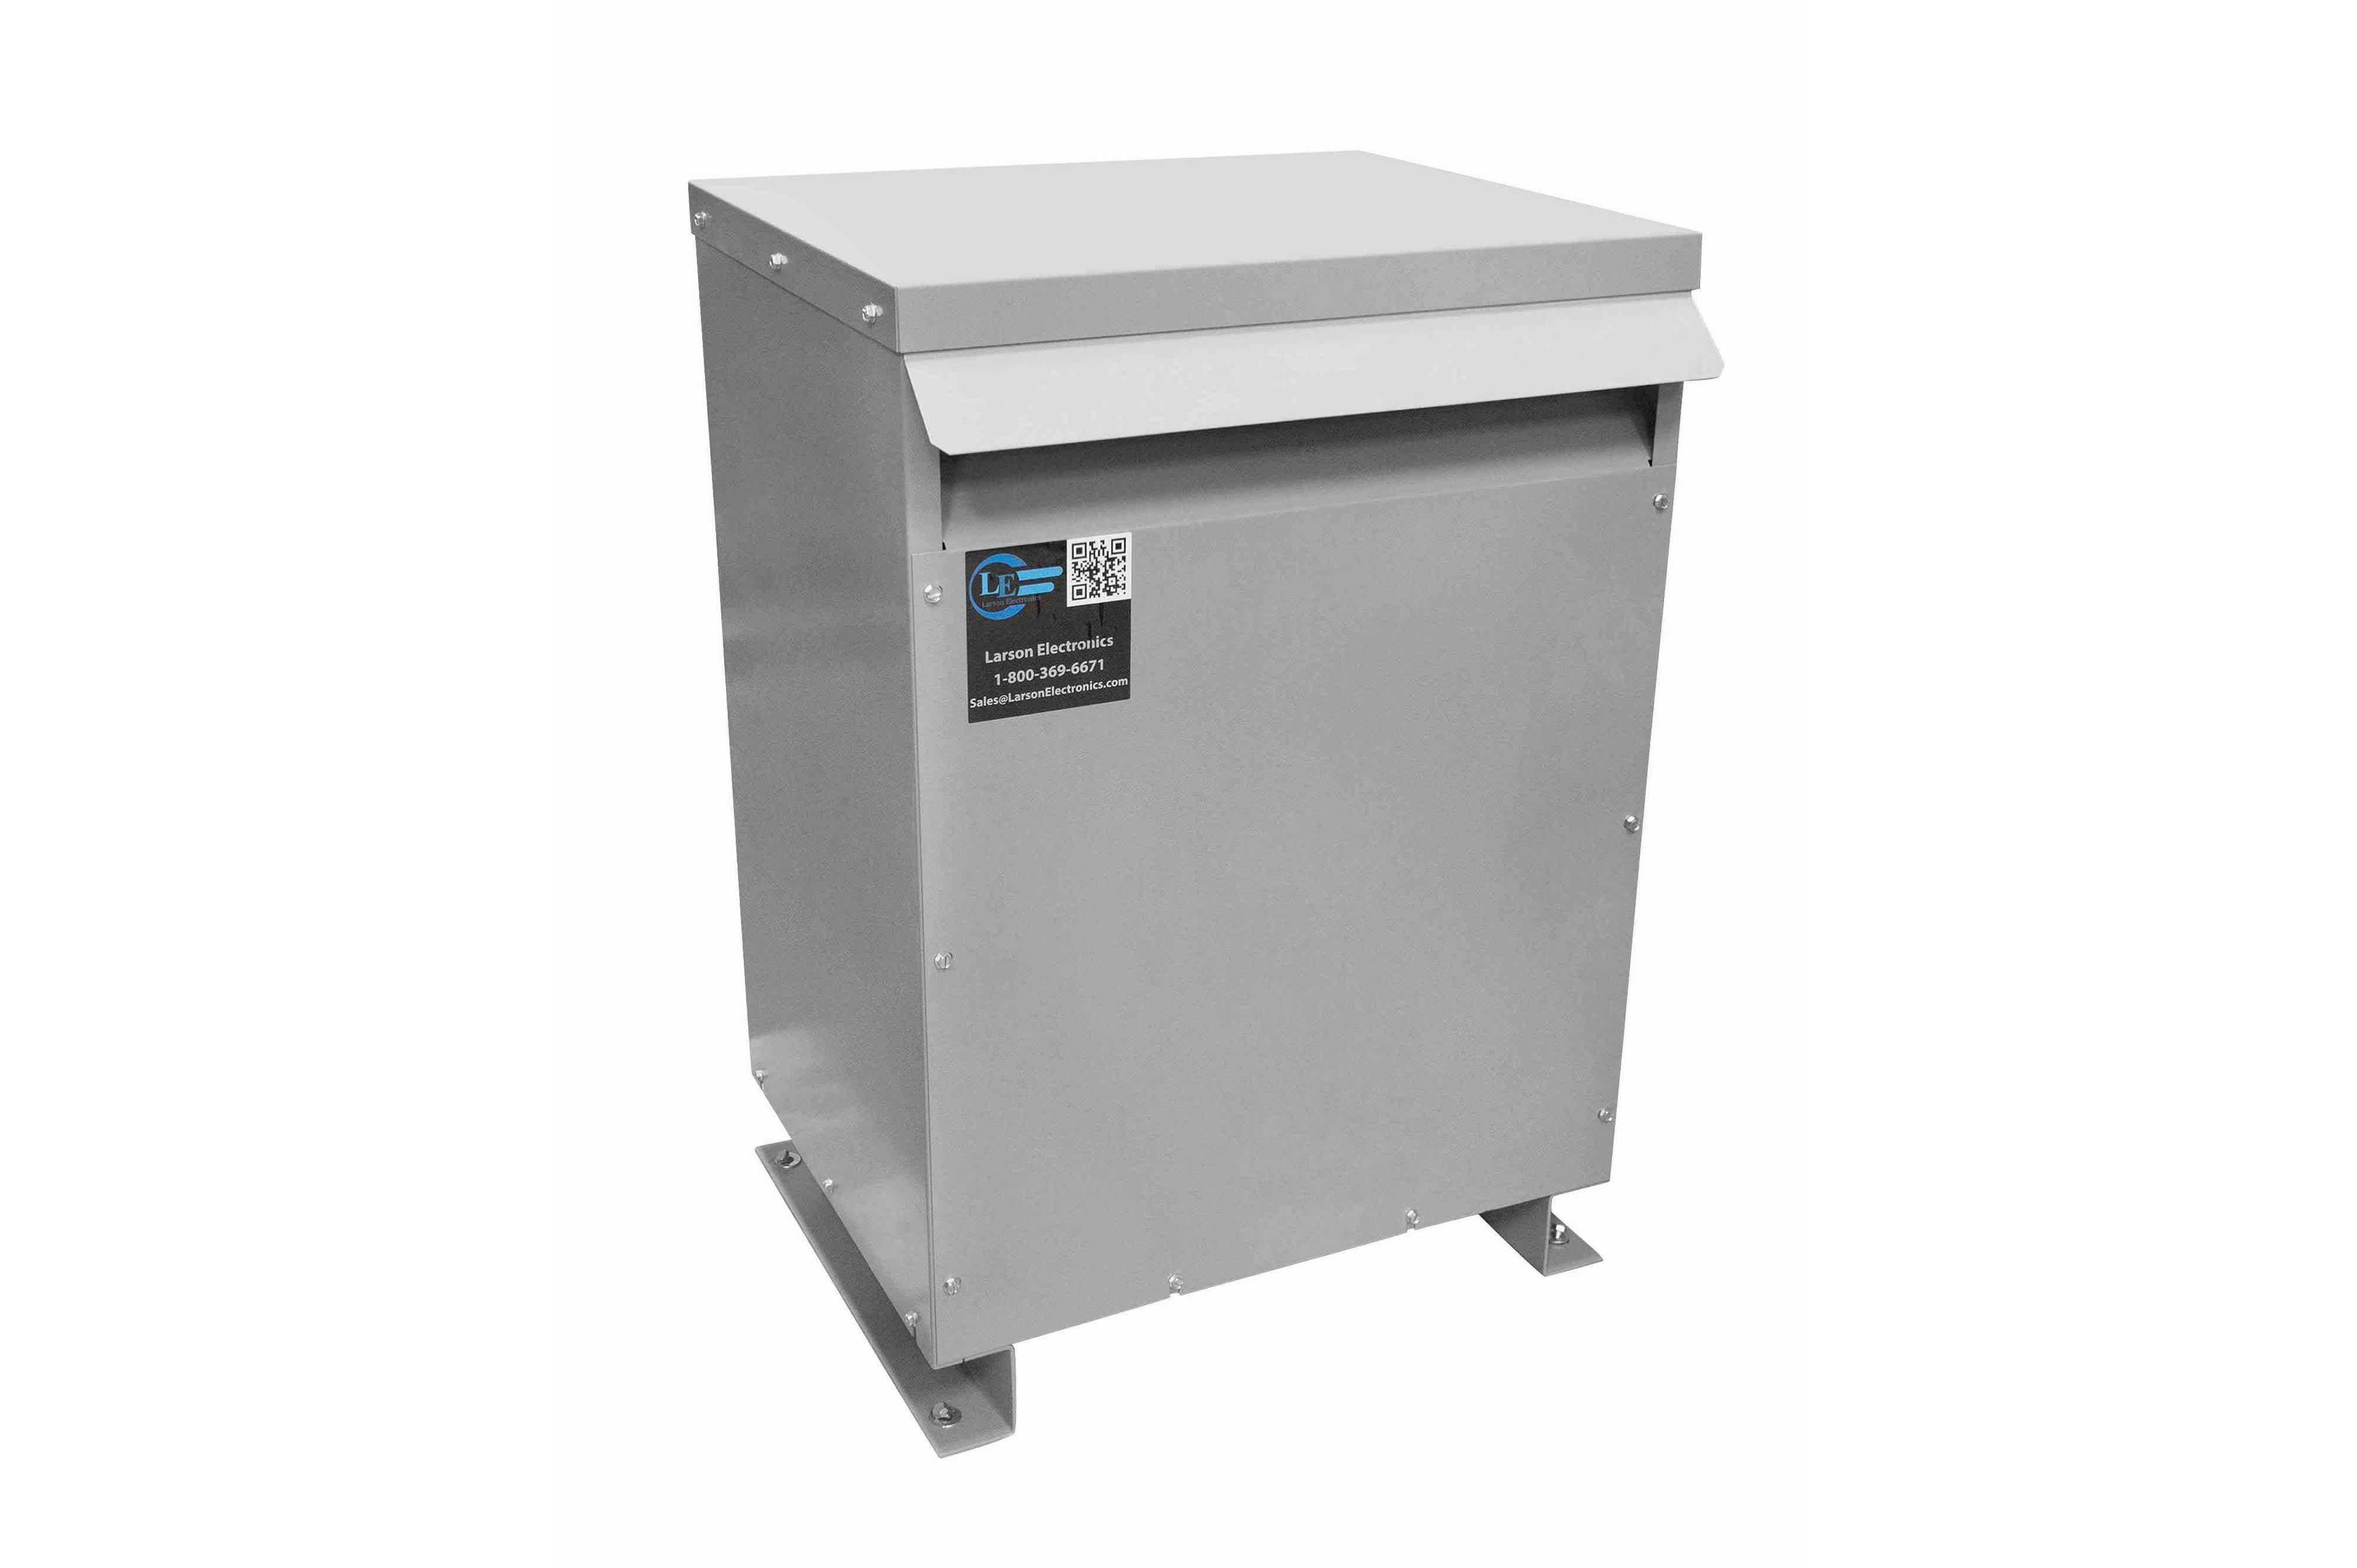 200 kVA 3PH Isolation Transformer, 575V Delta Primary, 208V Delta Secondary, N3R, Ventilated, 60 Hz